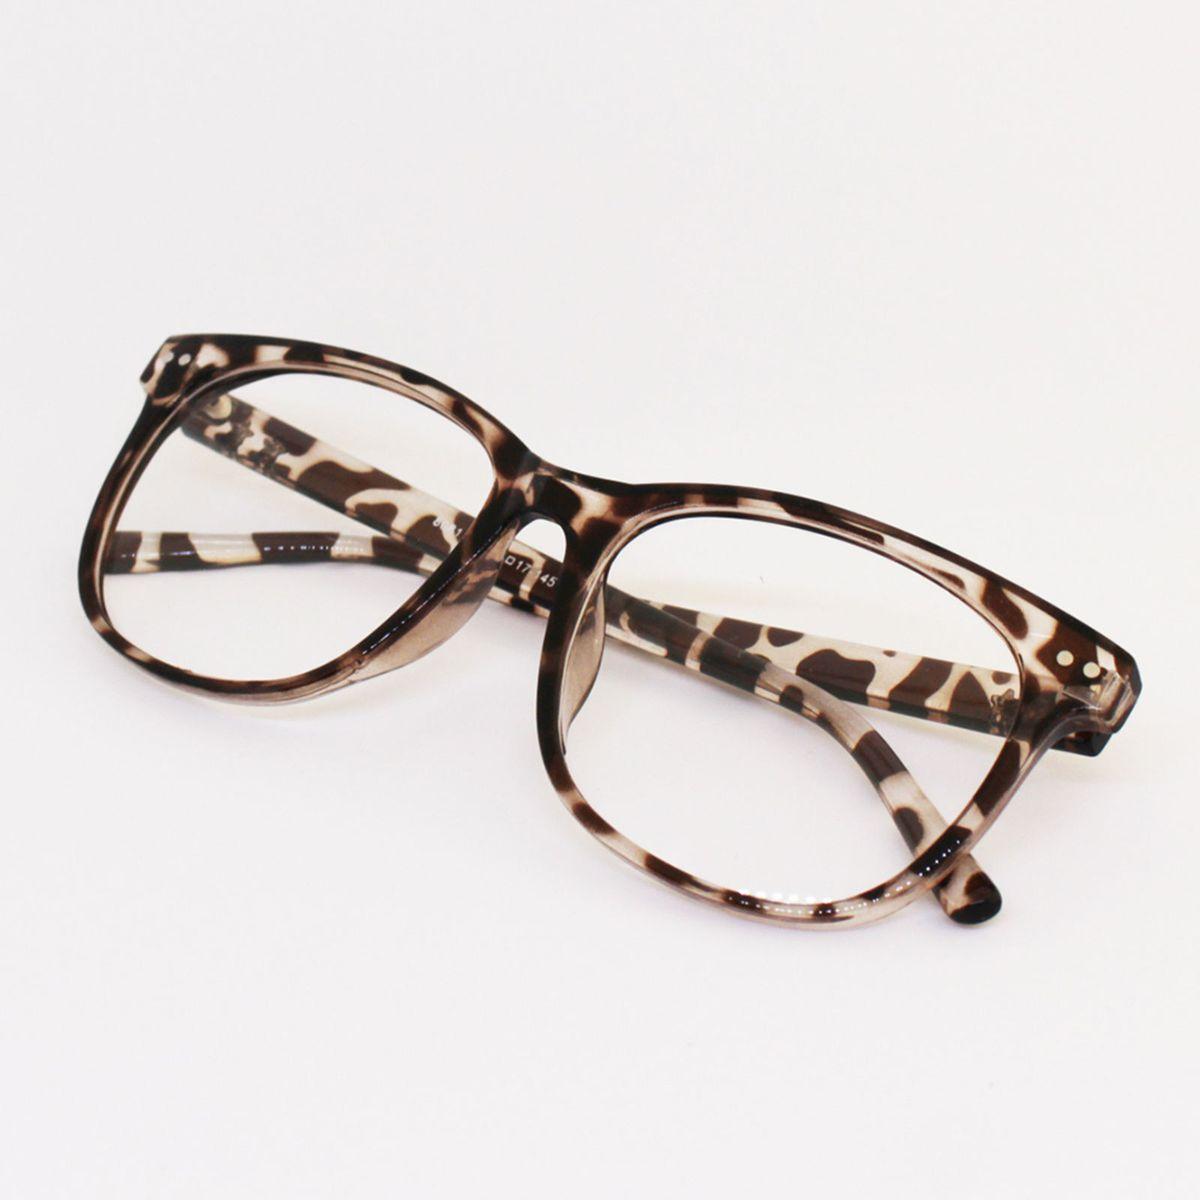 armação óculos para grau feminina quadrada marrom leopardo oncinha tartaruga  - óculos sem marca 1870016955